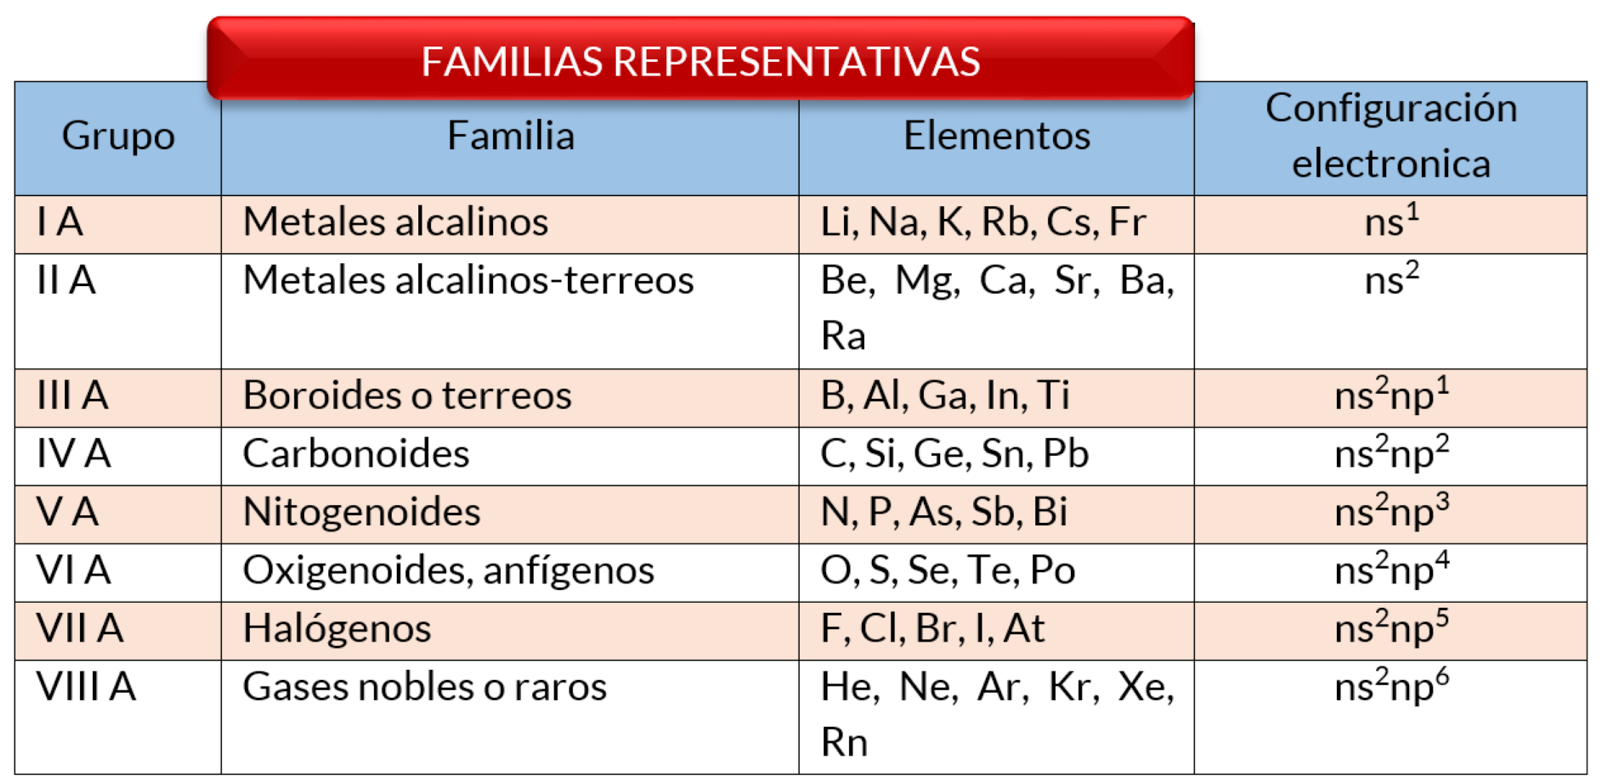 Tabla periodica de los elementos quimicos librosg los elementos del grupo a se les denomina familias representativas y se caracteriza por su notable reactividad lo que les permite combinarse con mucha urtaz Choice Image